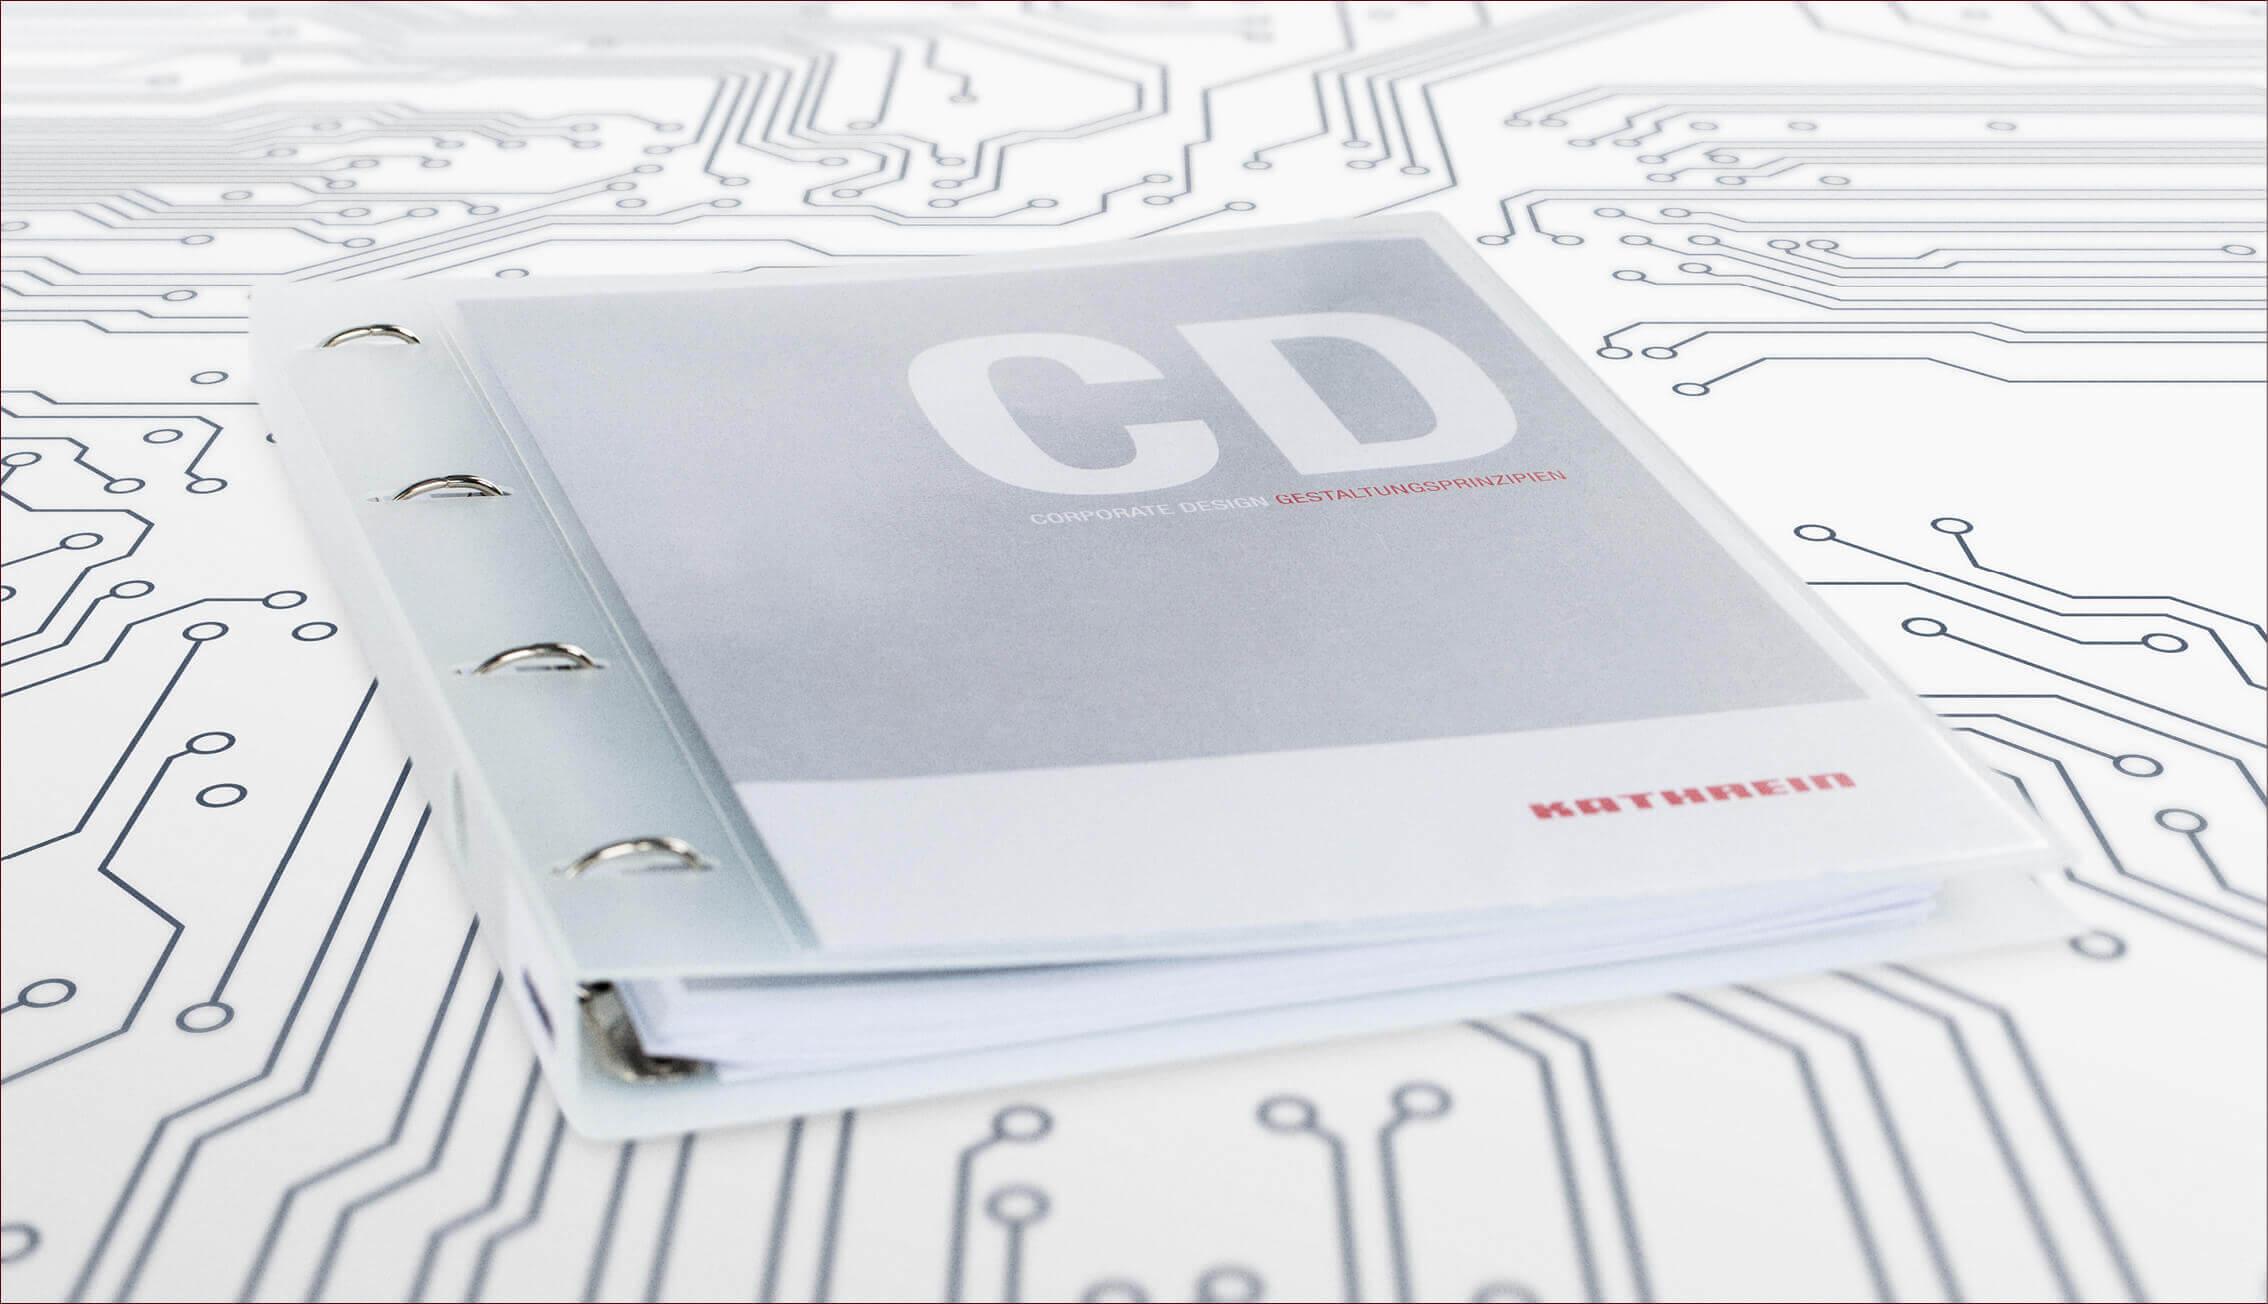 Kathrein - Corporate Design - Broschüre